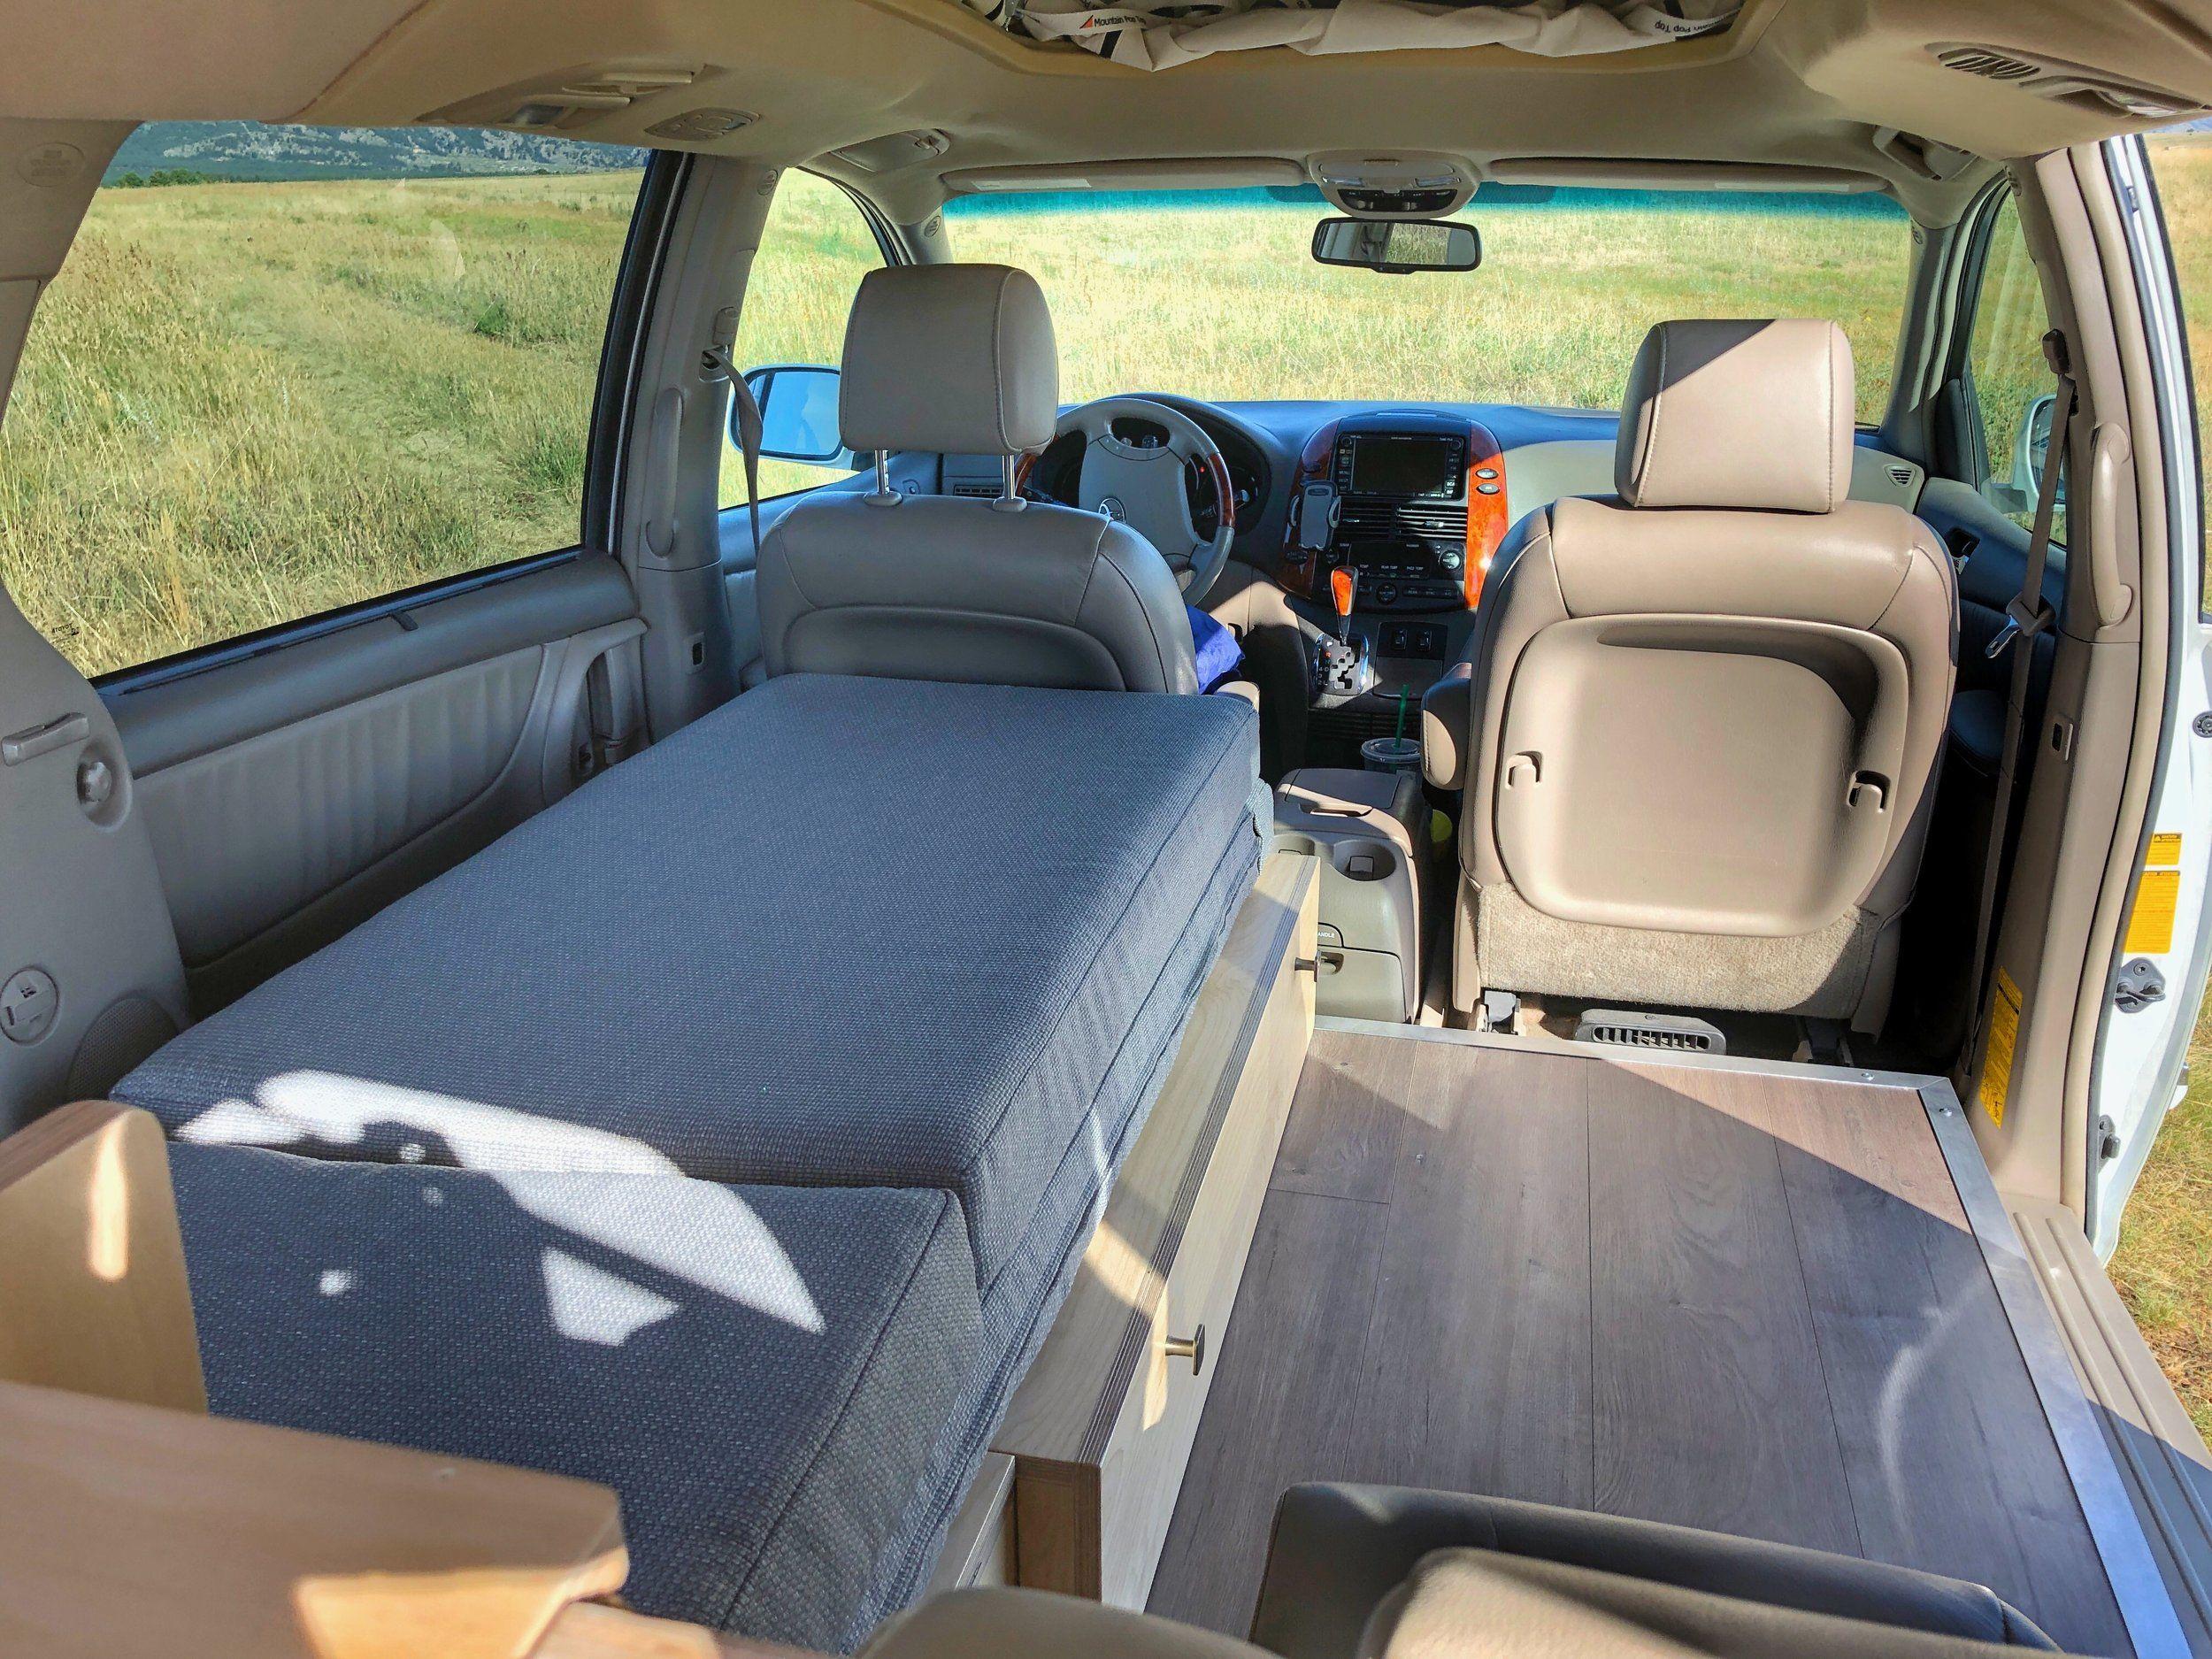 Toyota Sienna Camper Conversion Contravans Camper Conversion Minivan Camping Minivan Camper Conversion